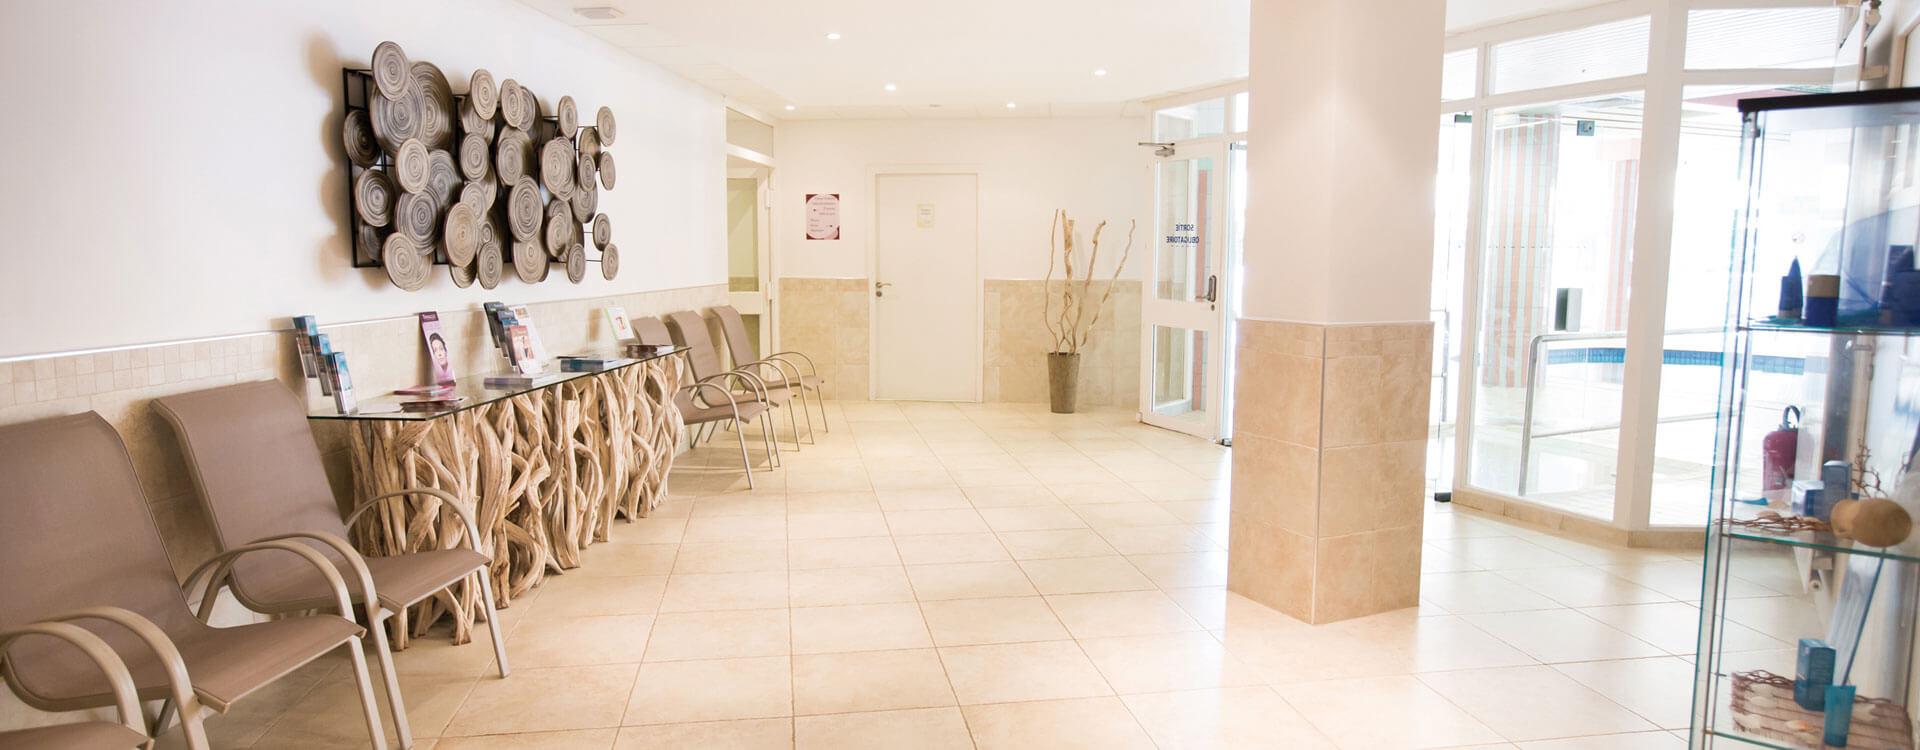 Soins - Hôtel & spa*** La Villa Marlioz à Aix-les-Bains